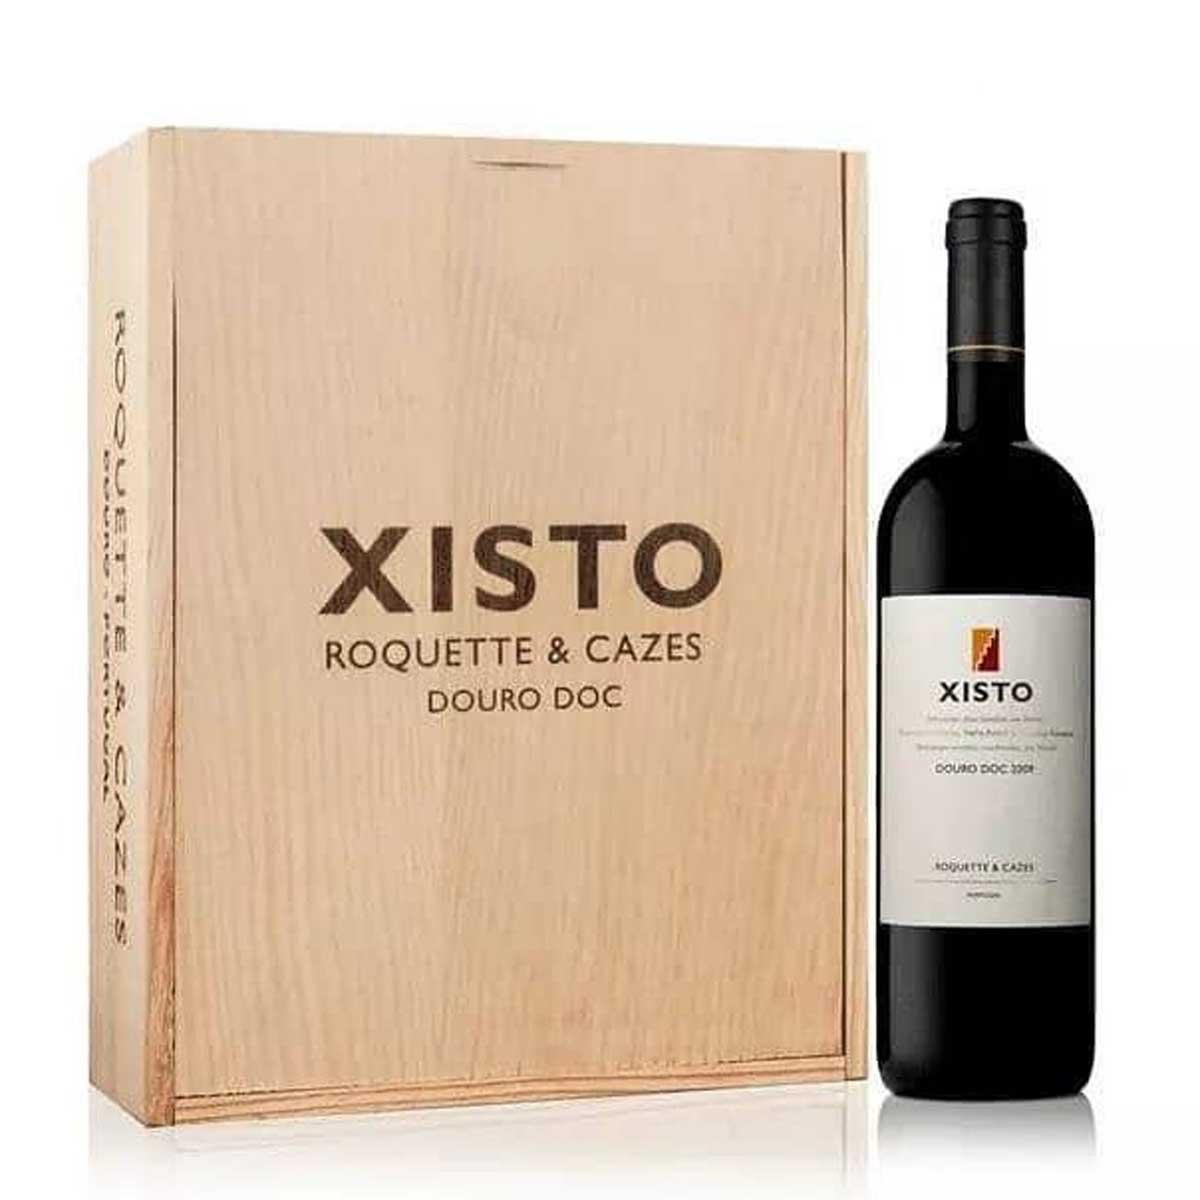 Kit 3x Vinho Tinto Português Xisto Roquette Cazes Douro 2015